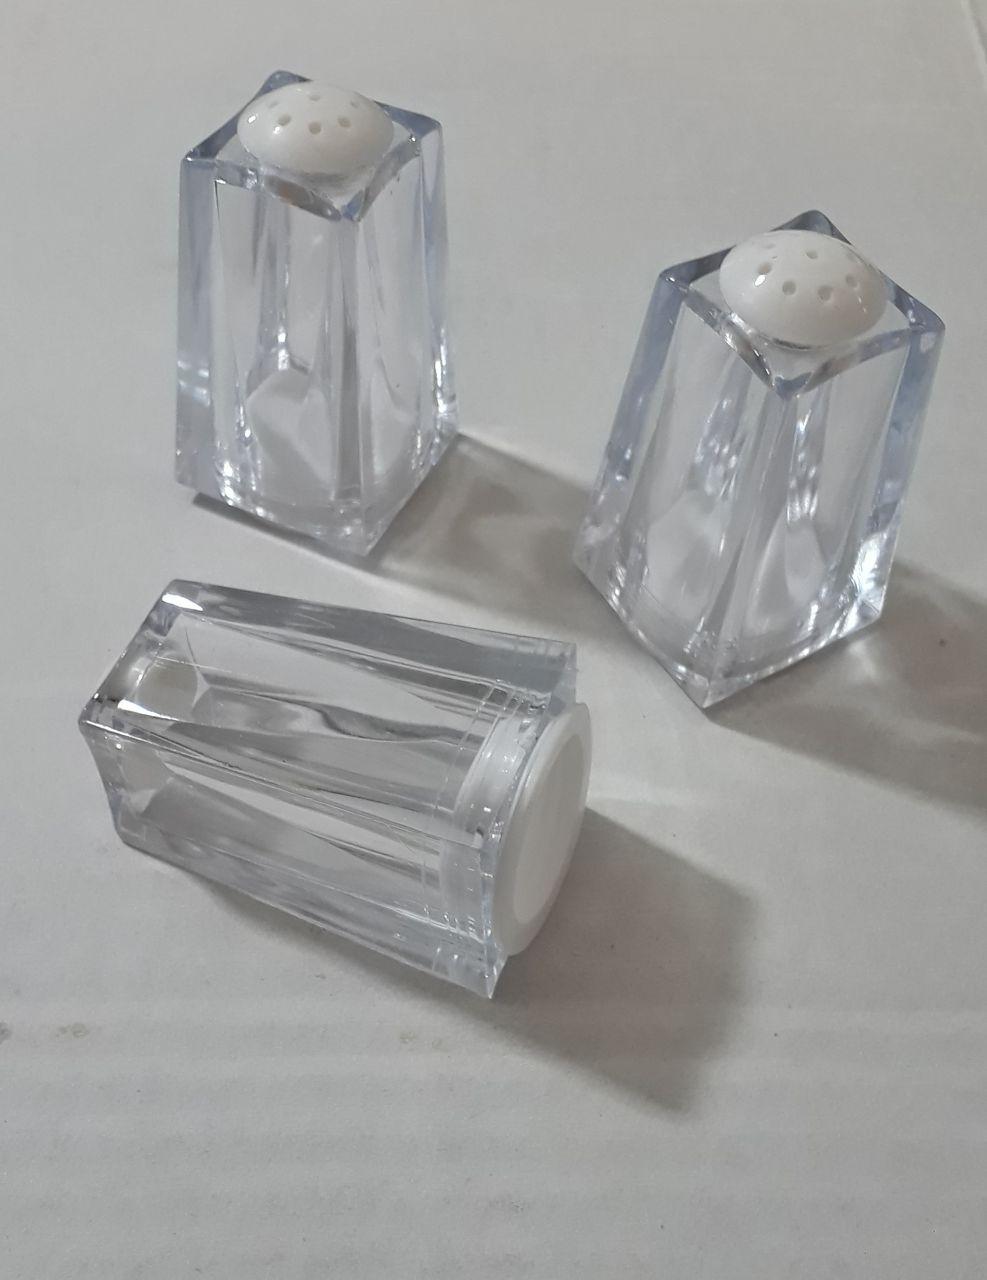 نمک پاش اکرولیک - پخش پلاستیک - پخش عمده انواع نمکپاش فانتزی کریستالی مناسب حراجی 10000 فروش